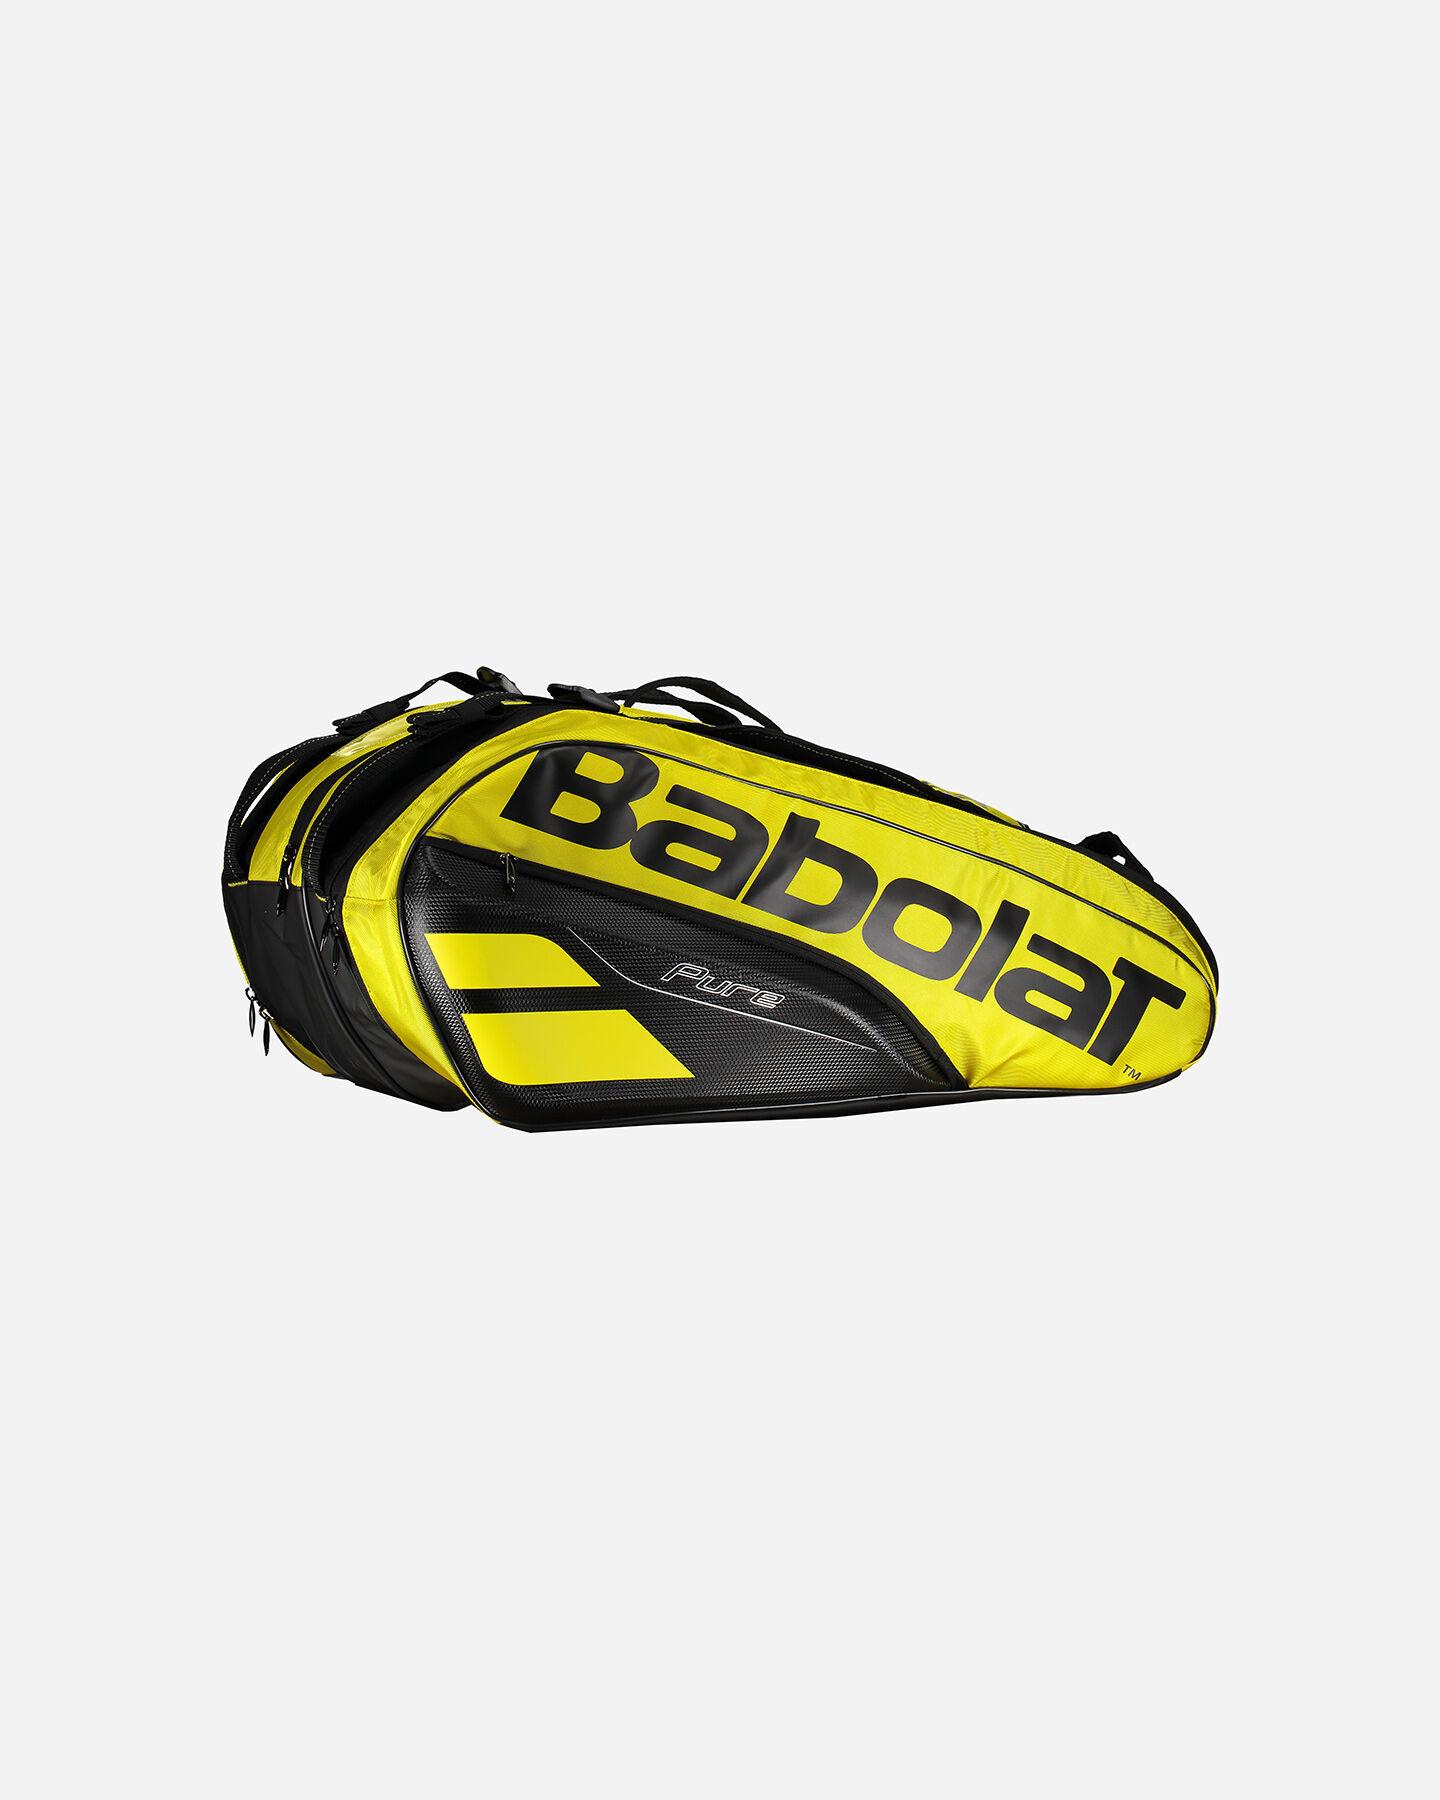 Fodero BABOLAT RH X 12 PURE AERO S5057588|191|UNIQ scatto 0